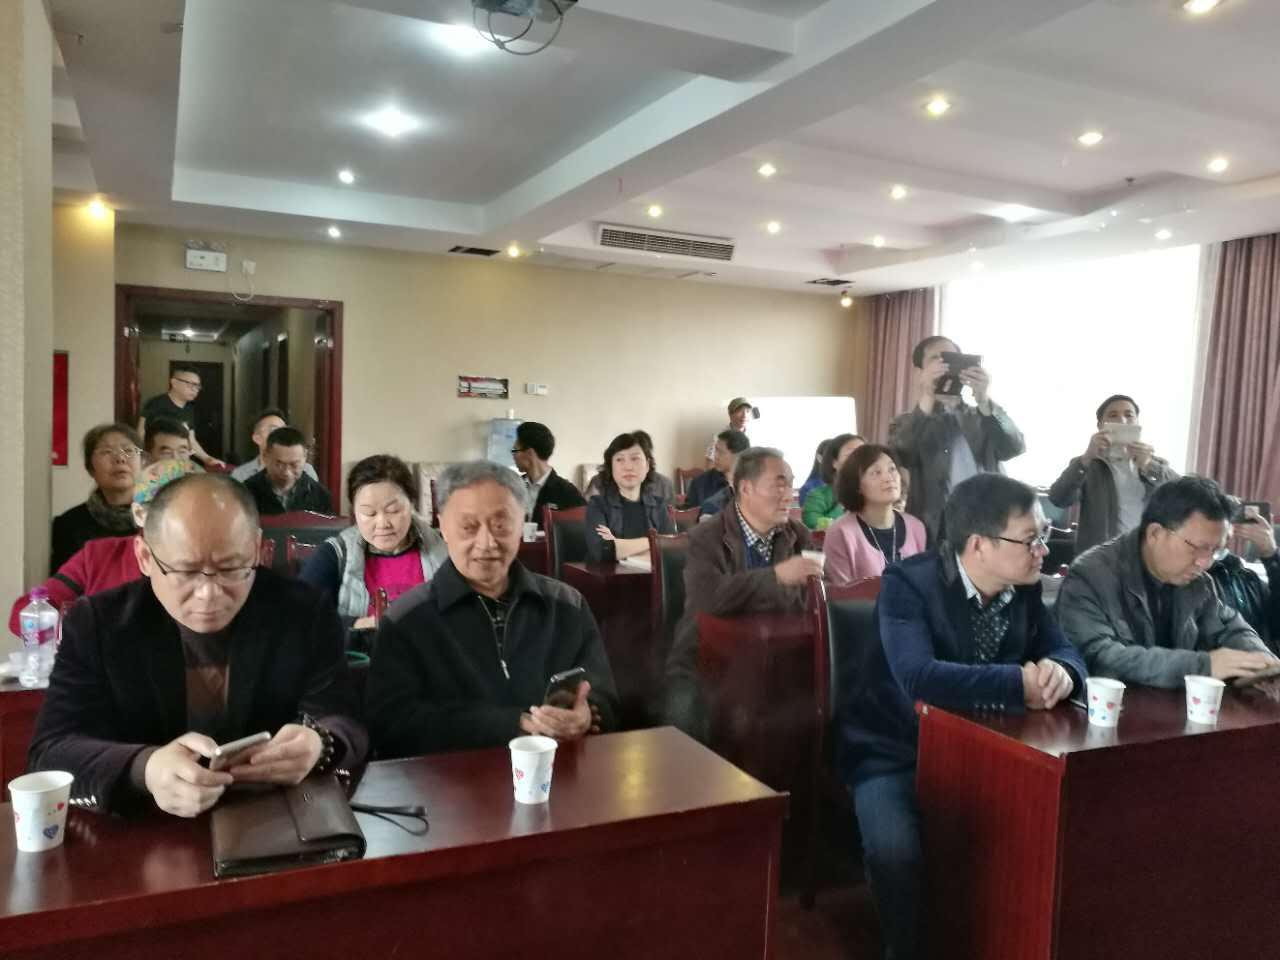 四川省诗词协会格律体新诗创研会在香城新都正式成立挂牌 - 卡莎 - 卡莎(Kasahelen)的博客